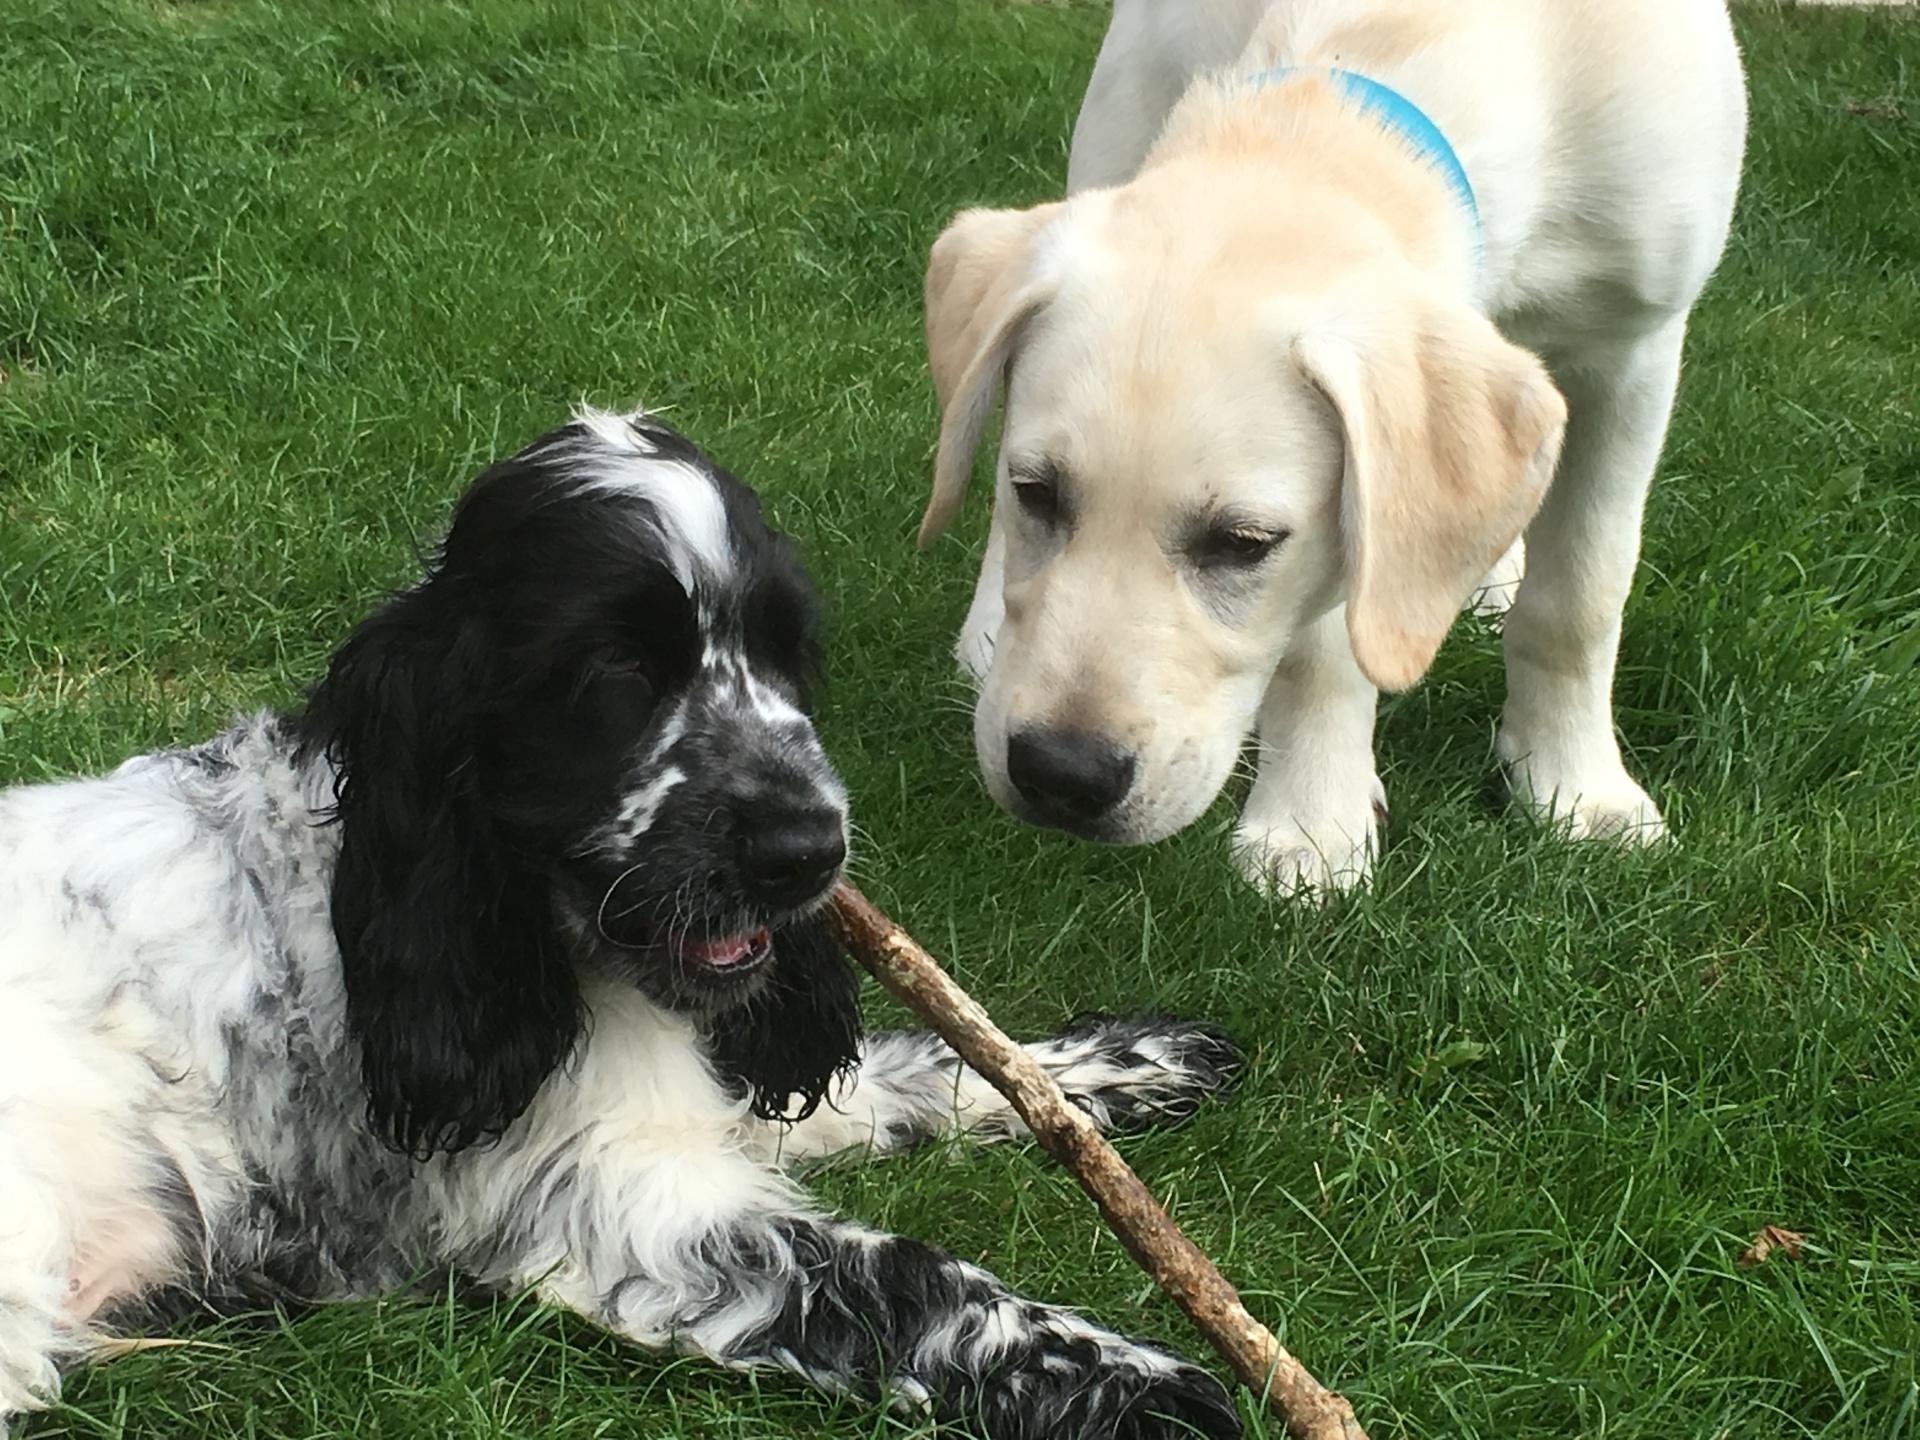 Cocker Spainel & Labrador Puppies